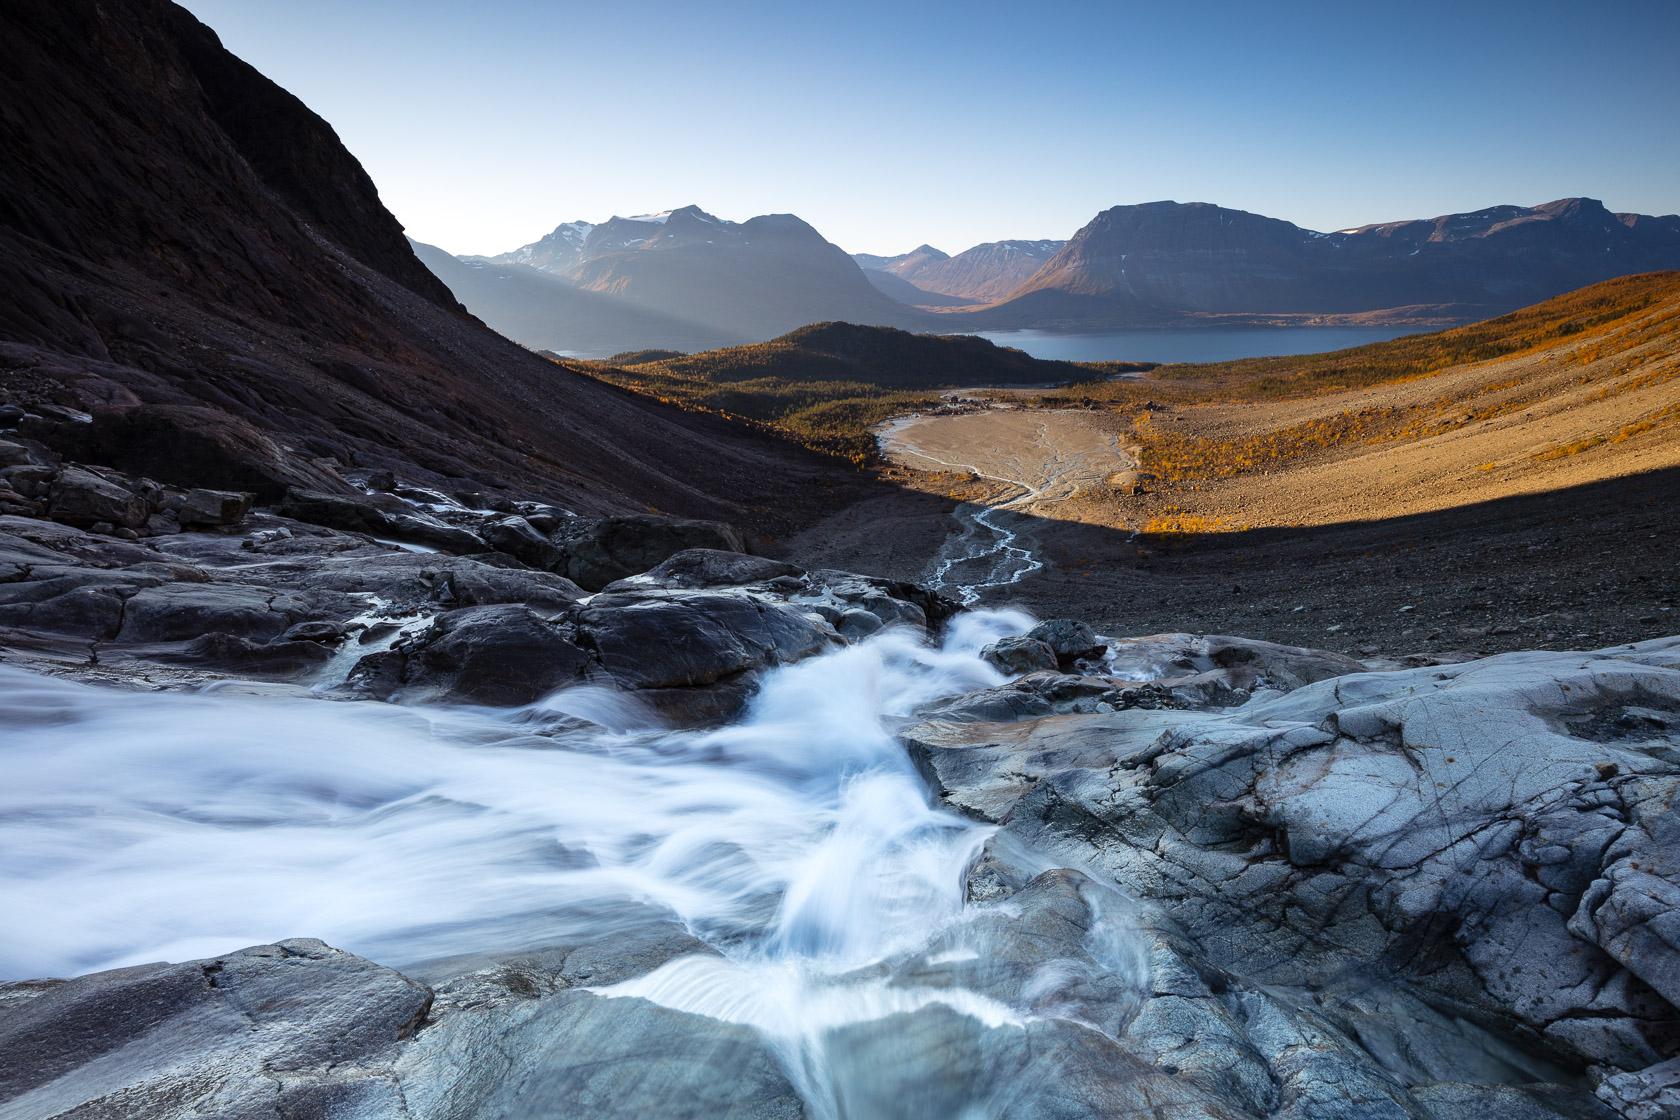 cascade dans les Alpes de Lyngen sur une vaste plaine de moraine glaciaire, en Norvège